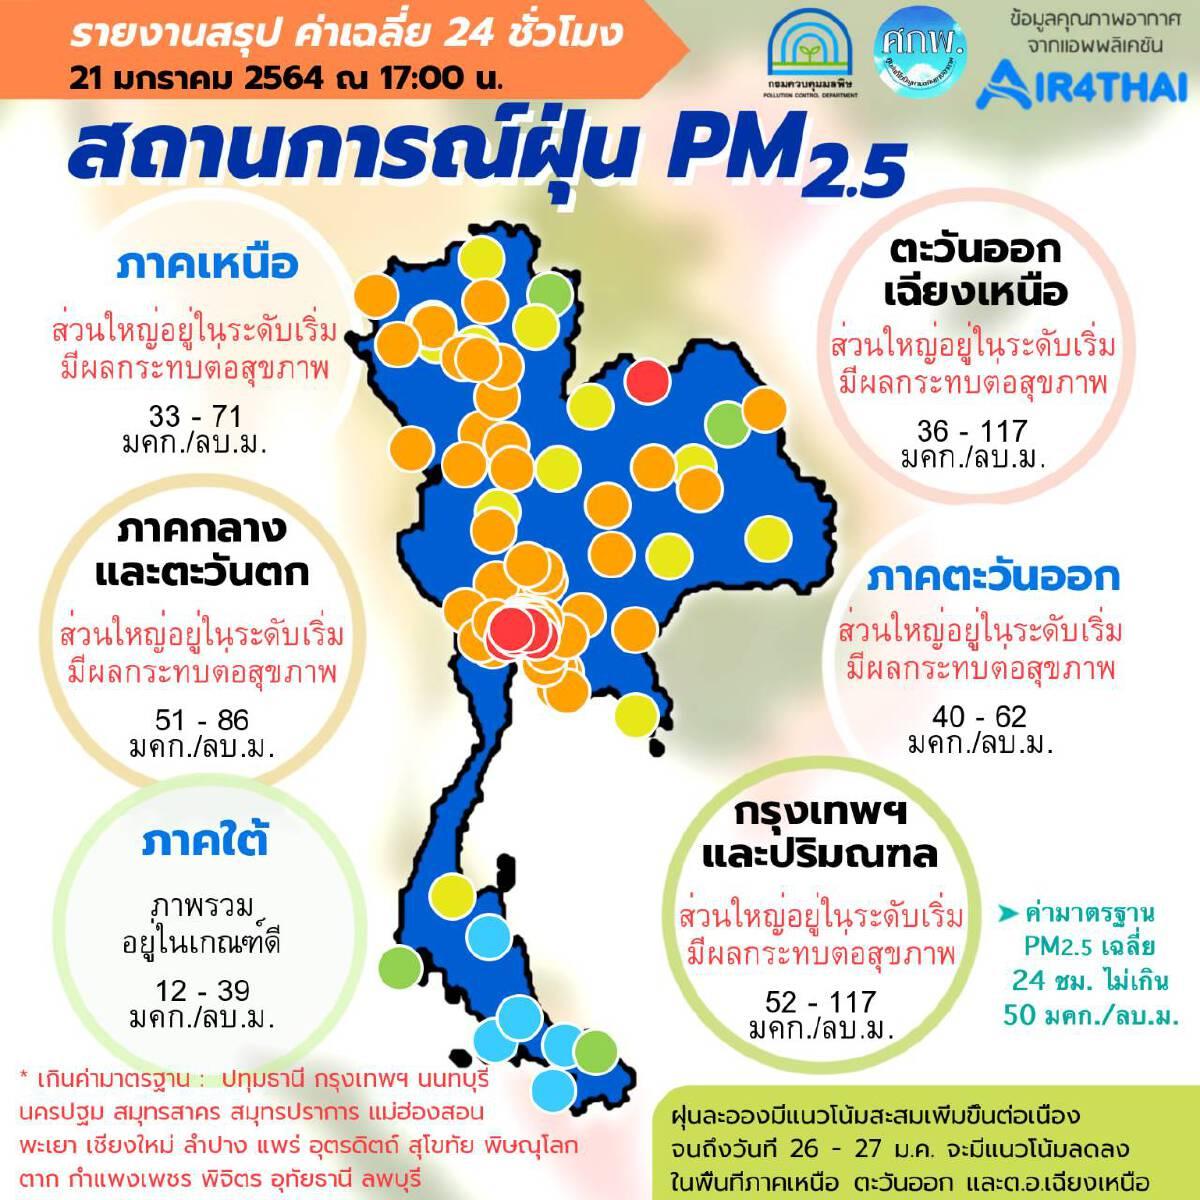 ค่าฝุ่น PM2.5 กทม.-ปริมณฑล เกินมาตรฐานสีแดง 15 พื้นที่ - 36 จังหวัดเกินมาตรฐาน